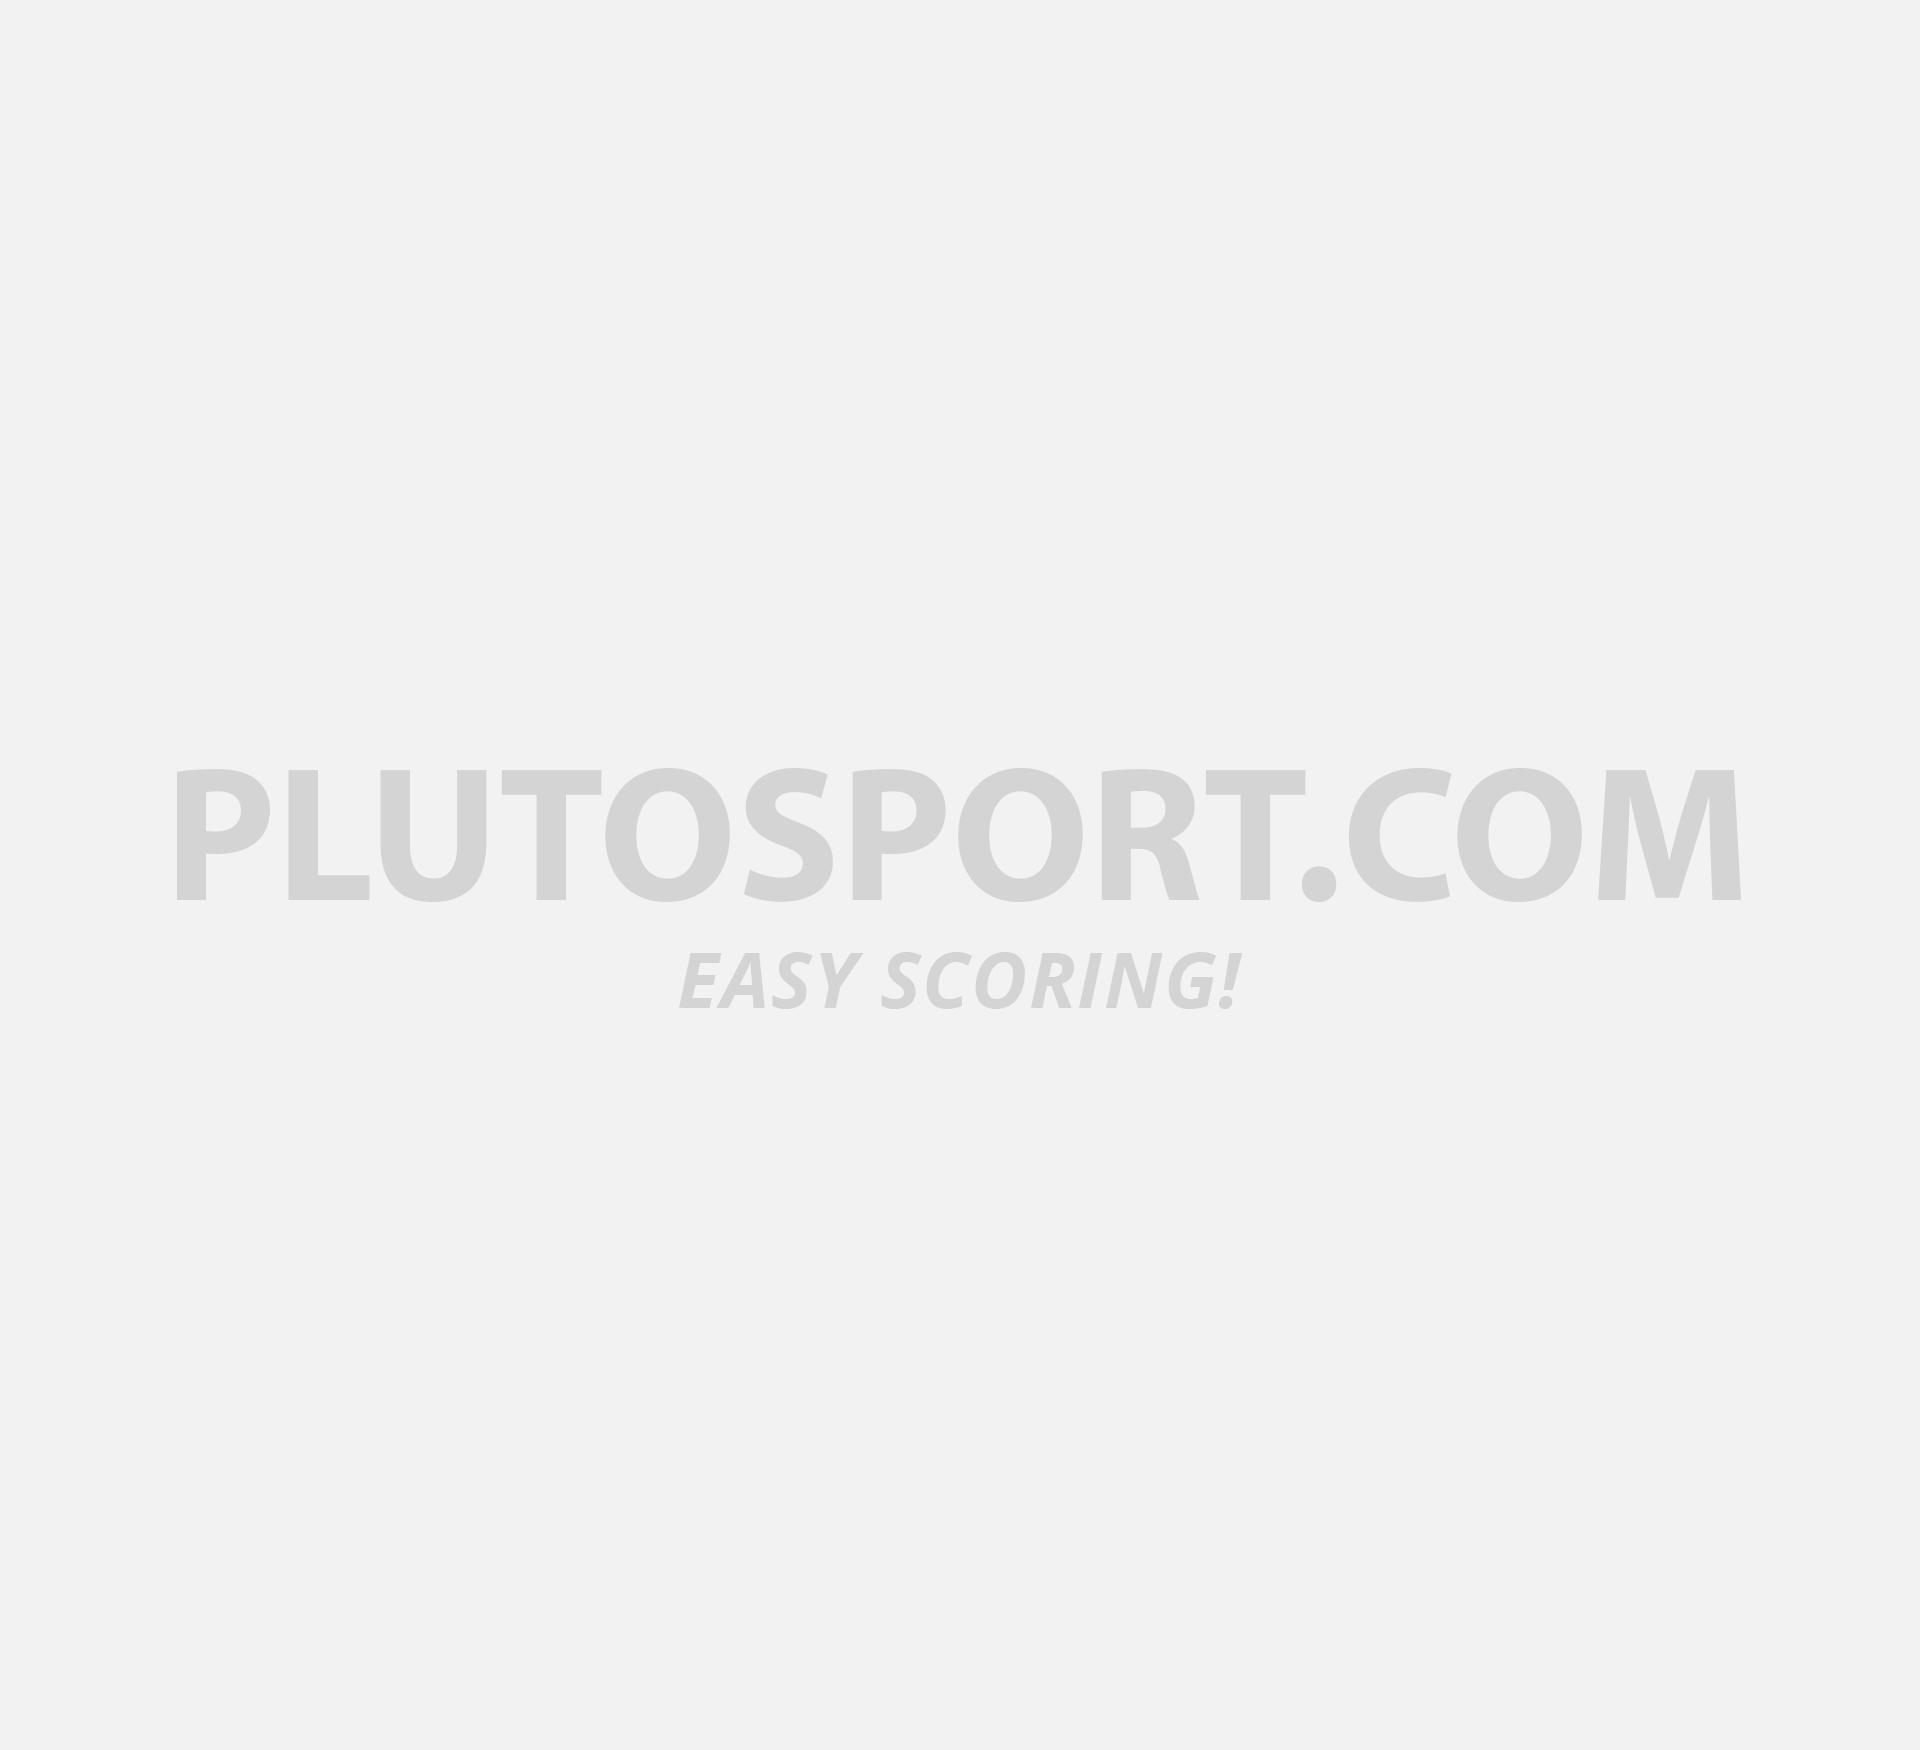 9340fec31805 Puma Smash Platform L - Sneakers - Shoes - Lifestyle - Sports ...